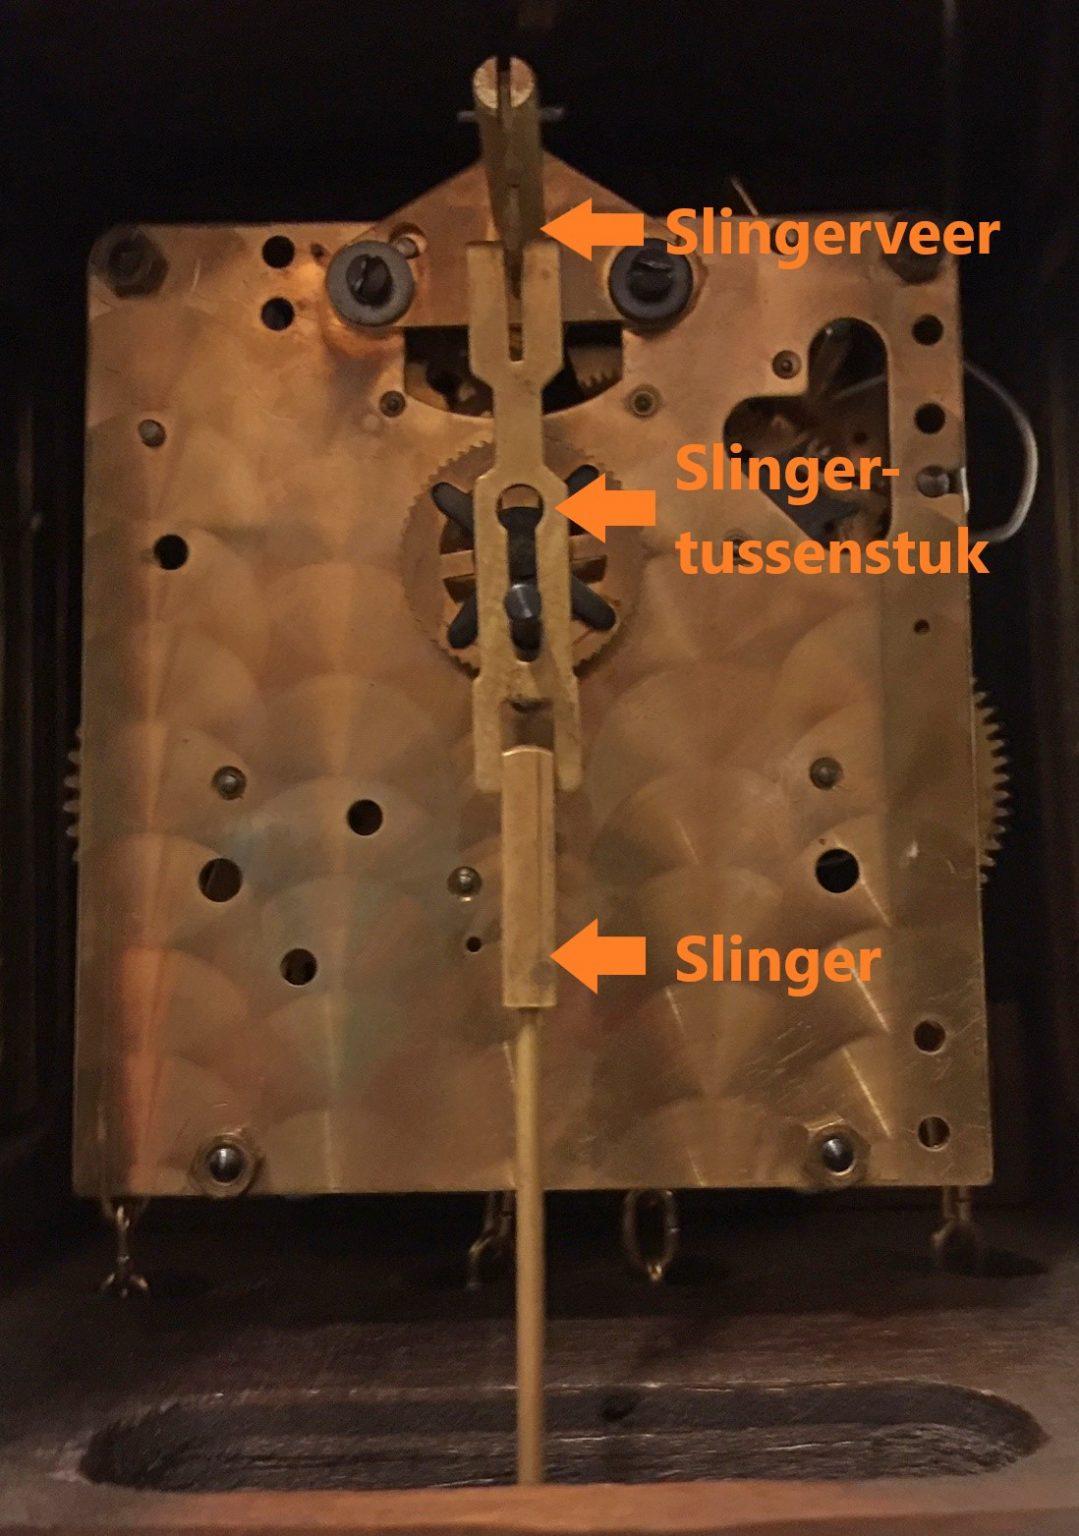 Slingerveer-tussenstuk-slinger